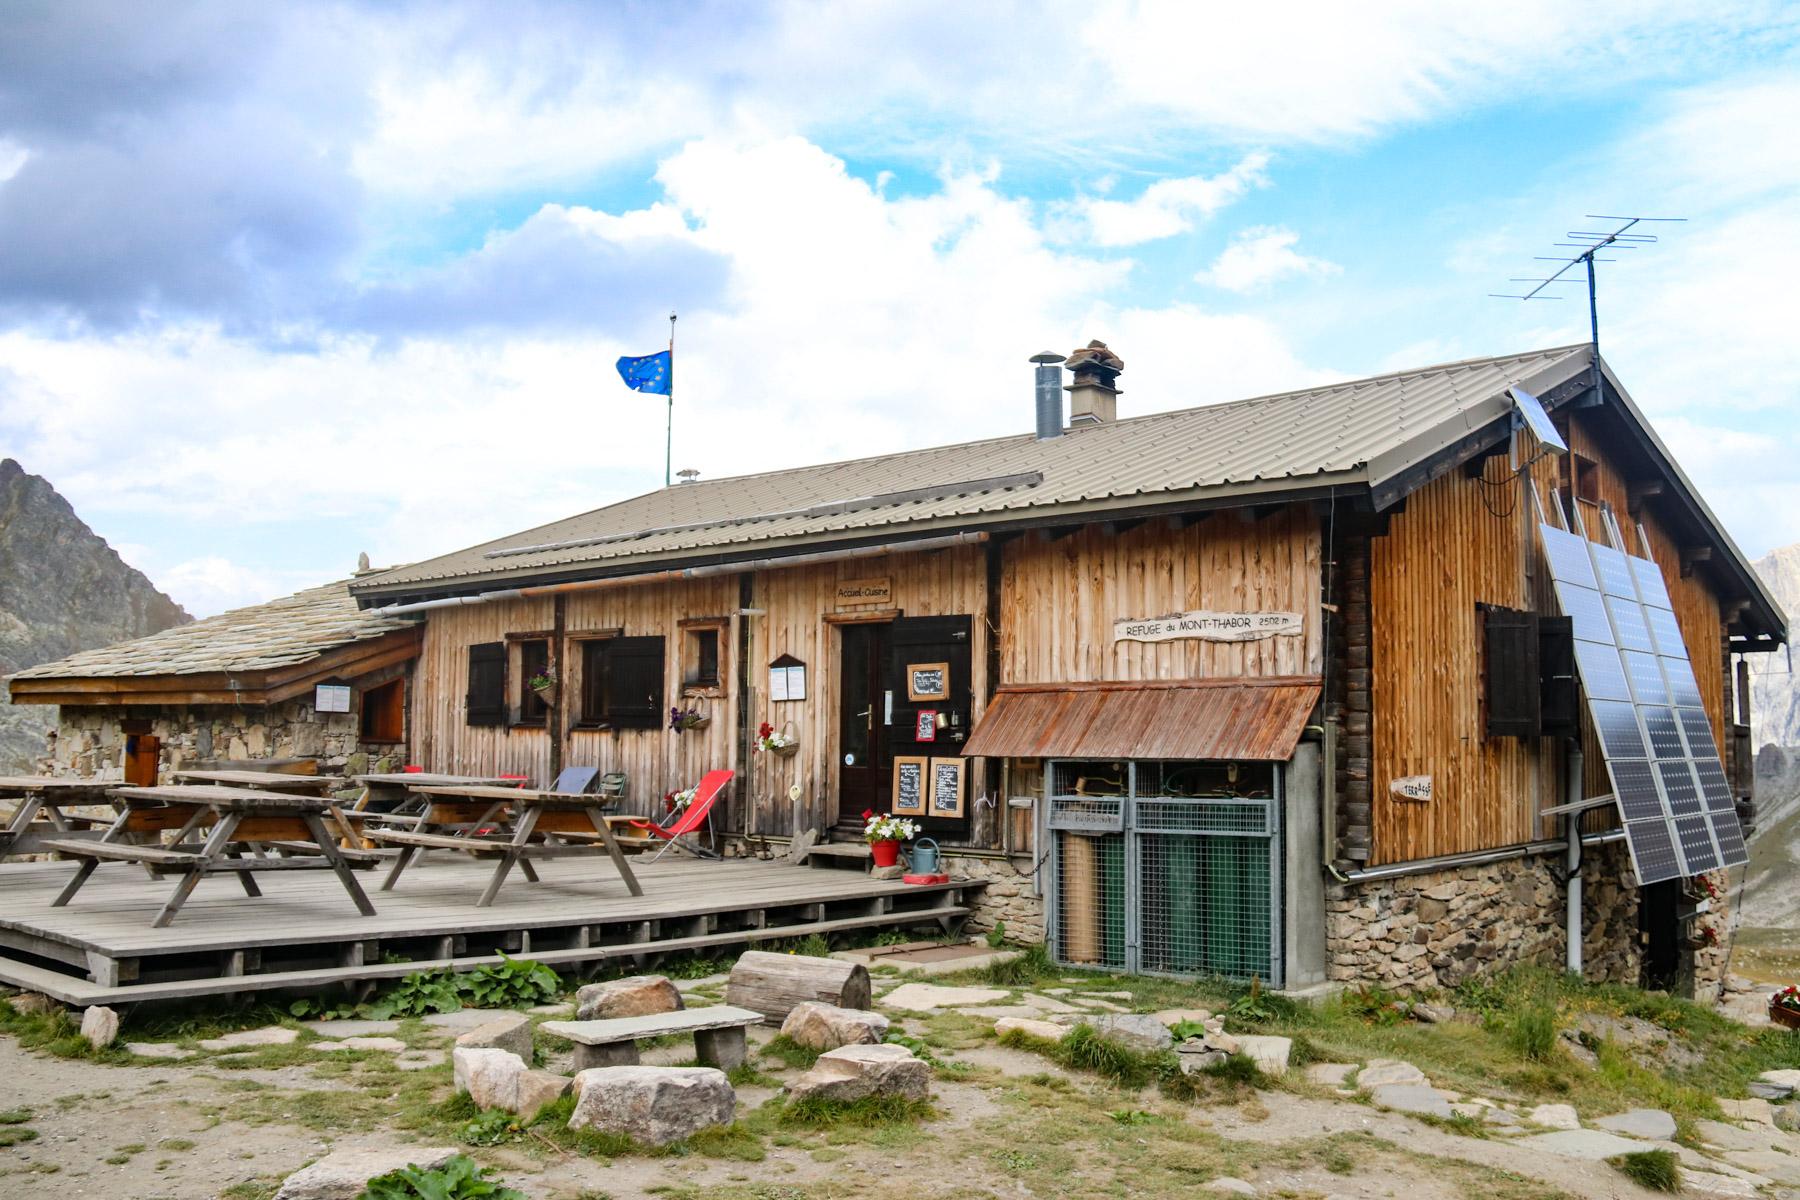 Overnachten in een berghut: tips voor een geslaagde huttentocht in Frankrijk